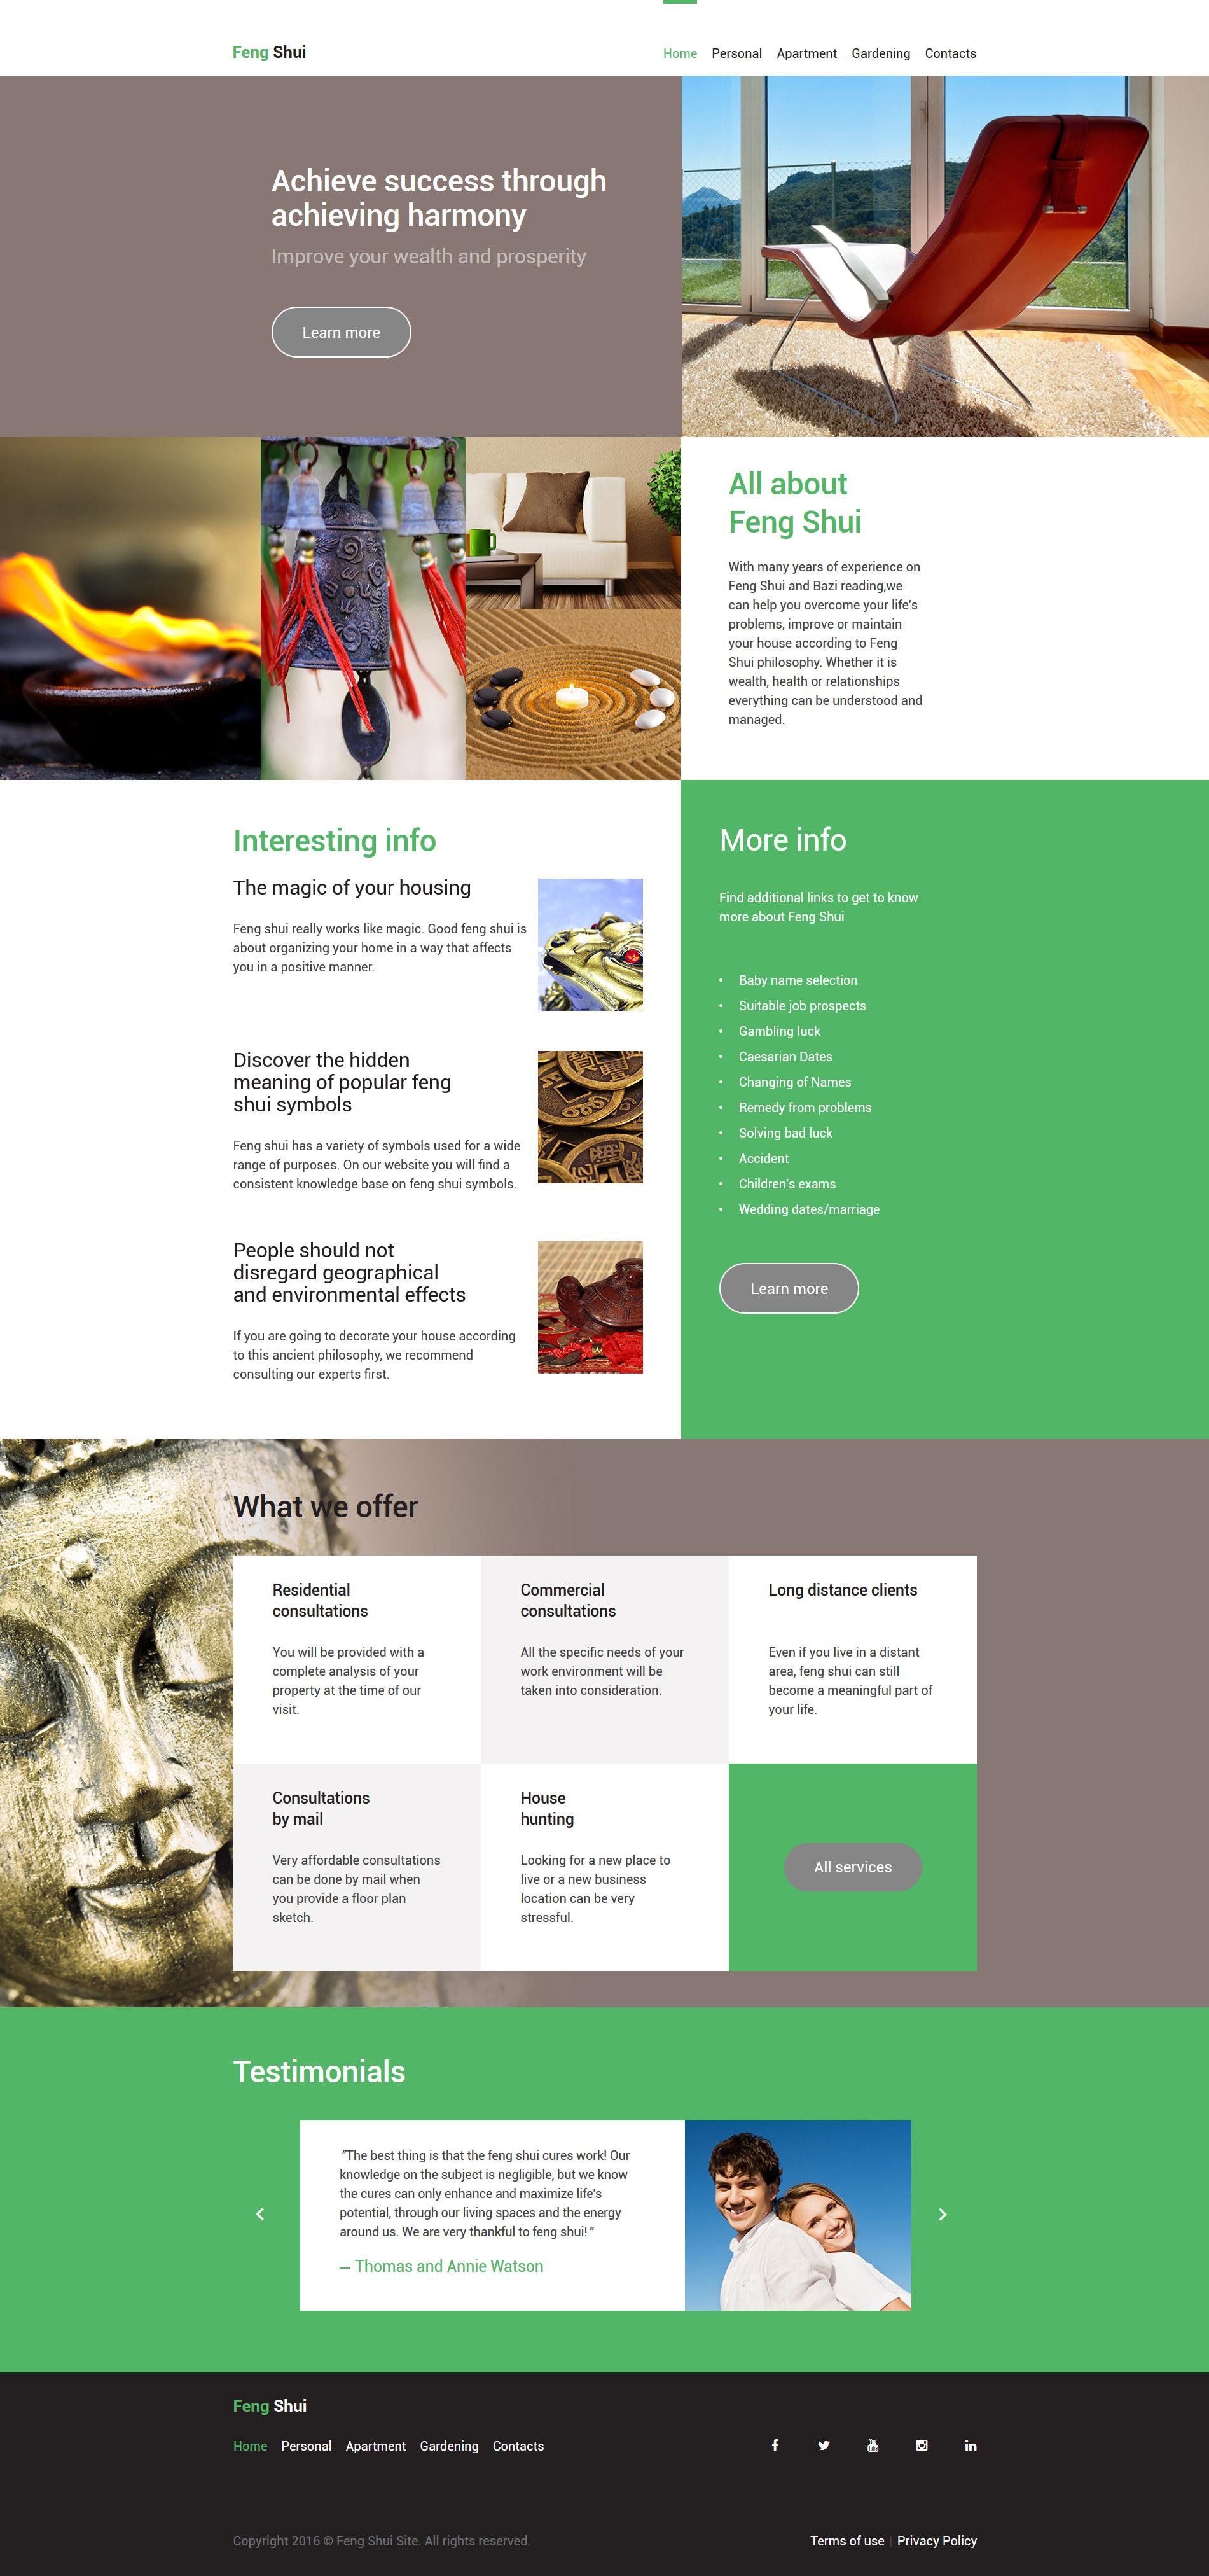 Responsywny szablon strony www Feng Shui #58175 - zrzut ekranu